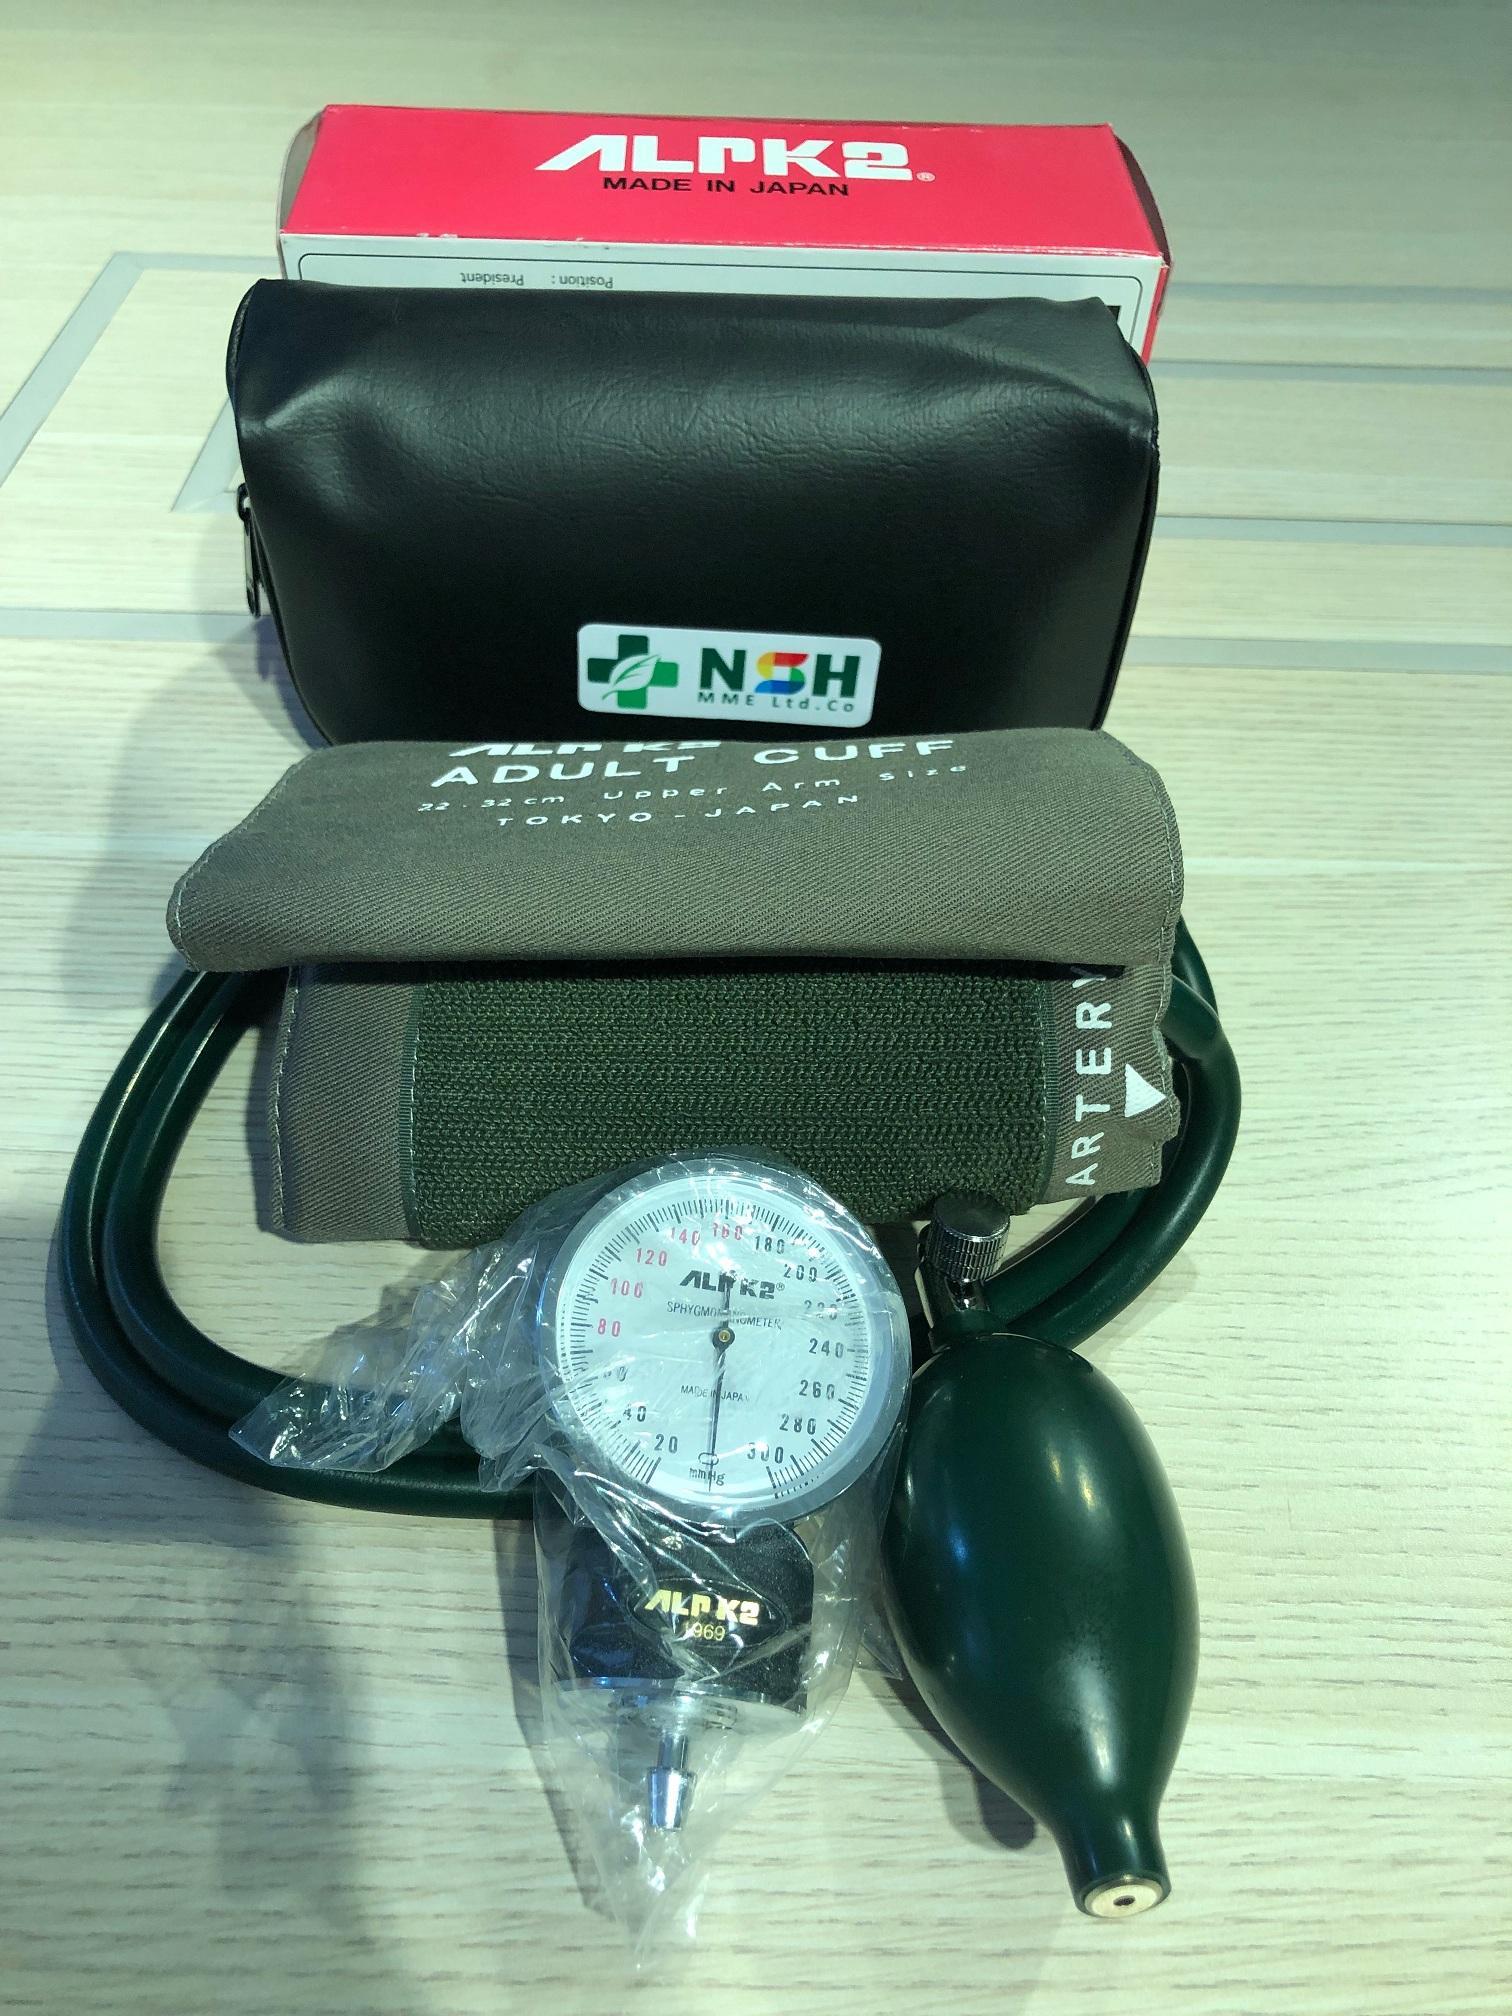 Nơi bán Đầu Máy đo huyết áp cơ ALPK2 NHẬT BẢN không kèm ống nghe